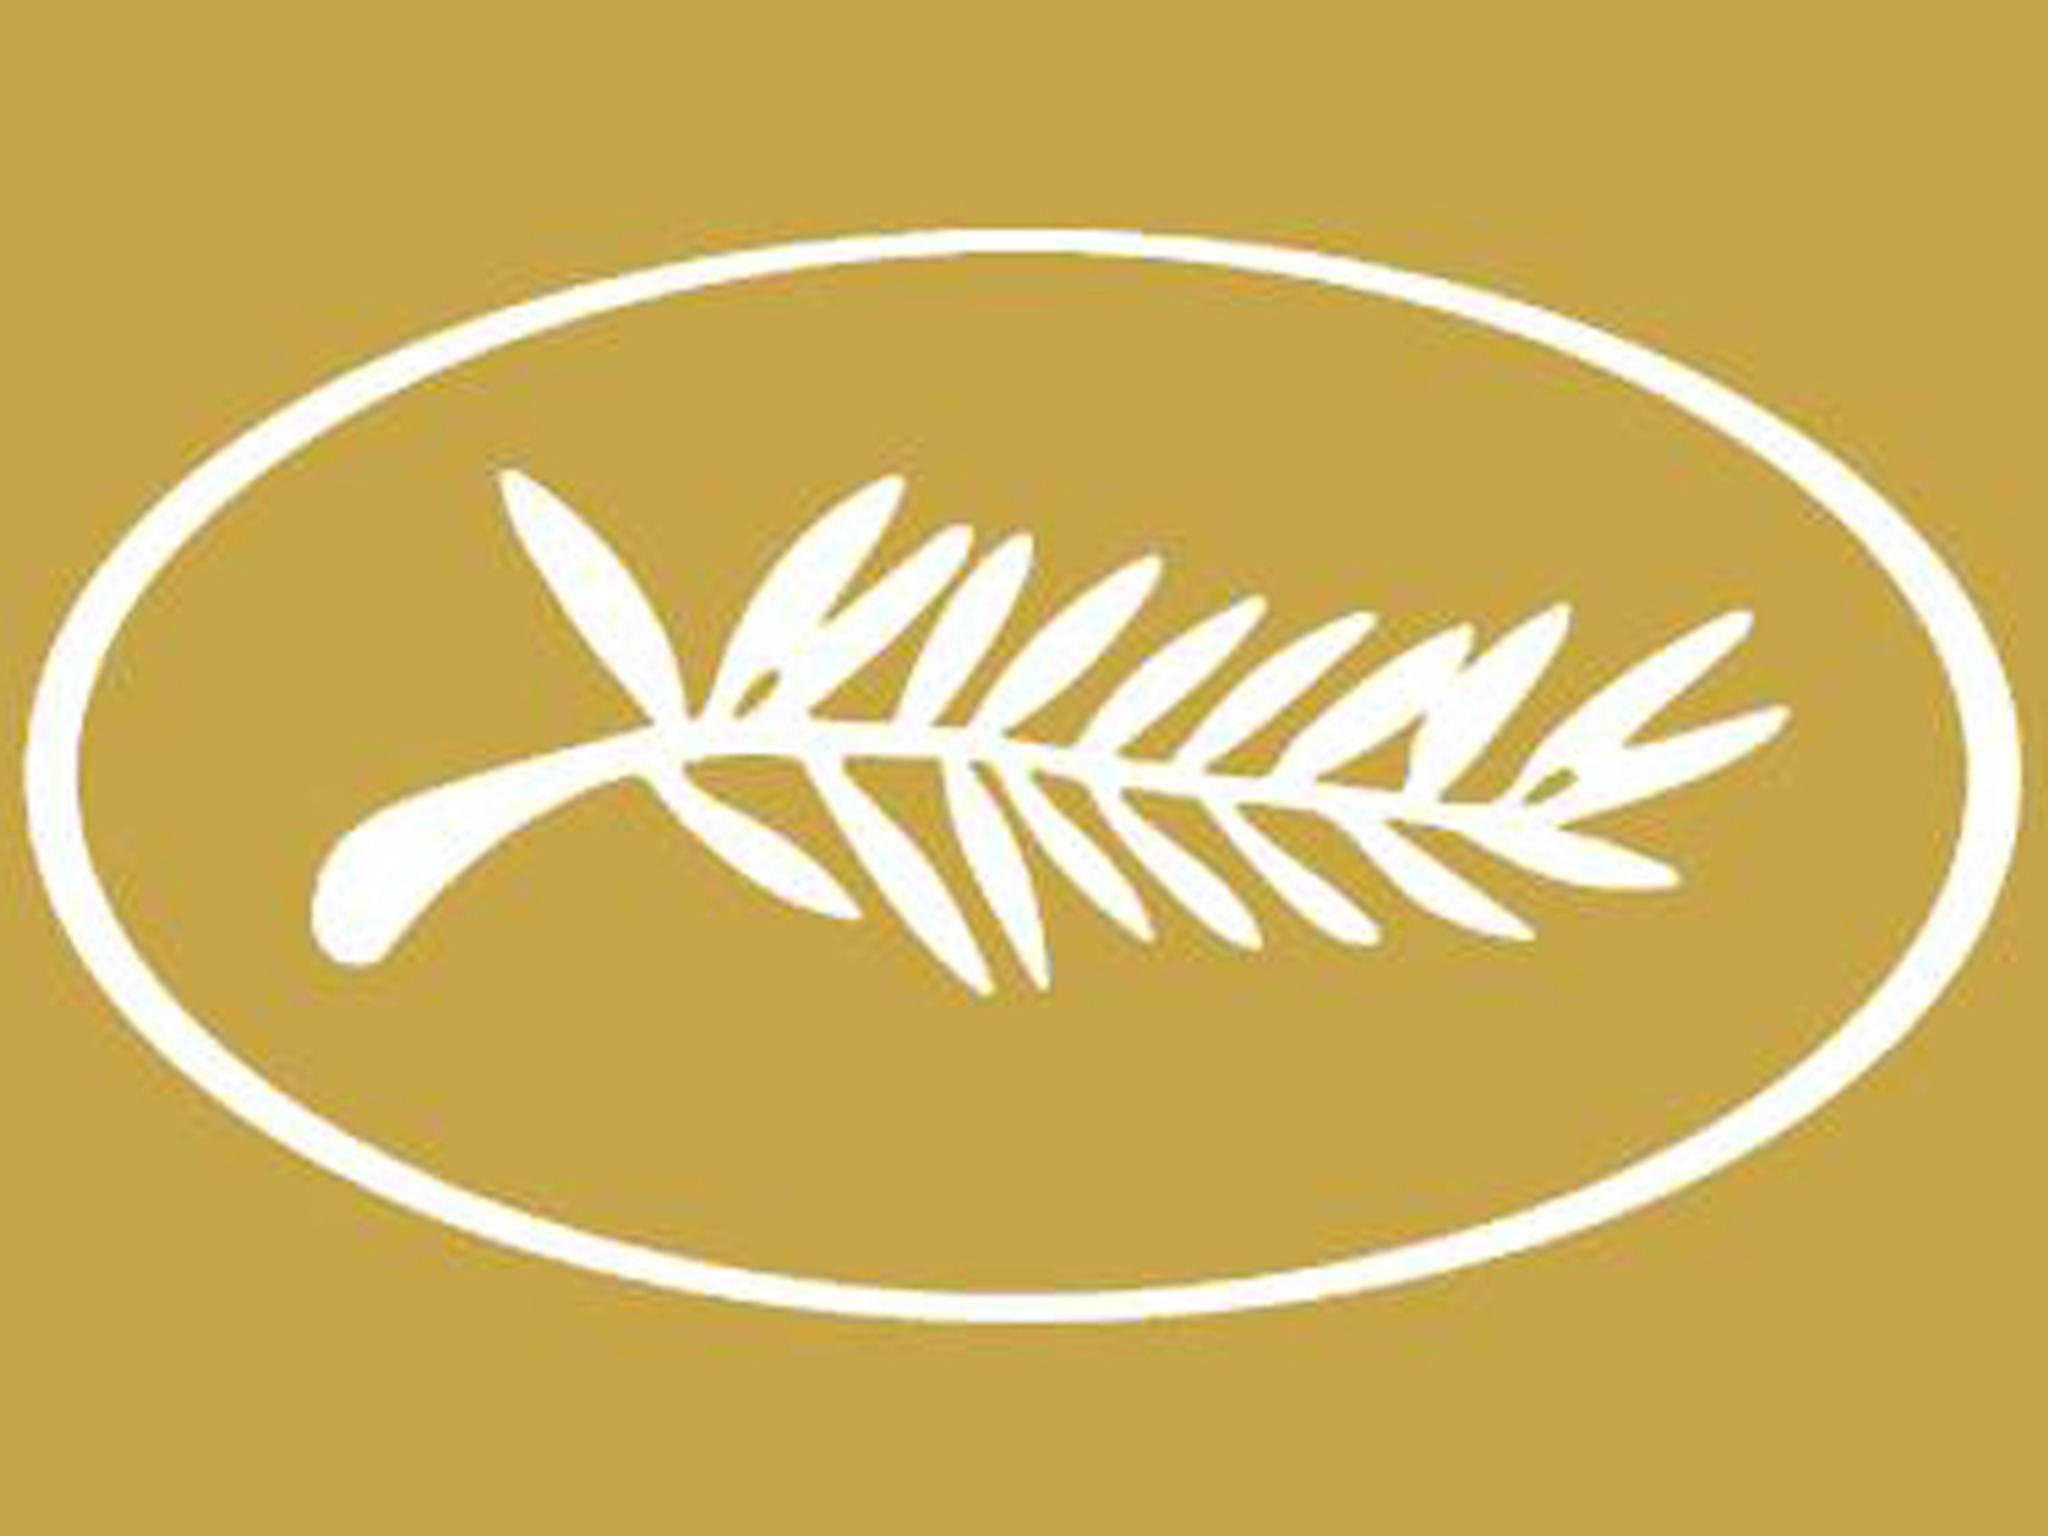 cannes festival goldene palme